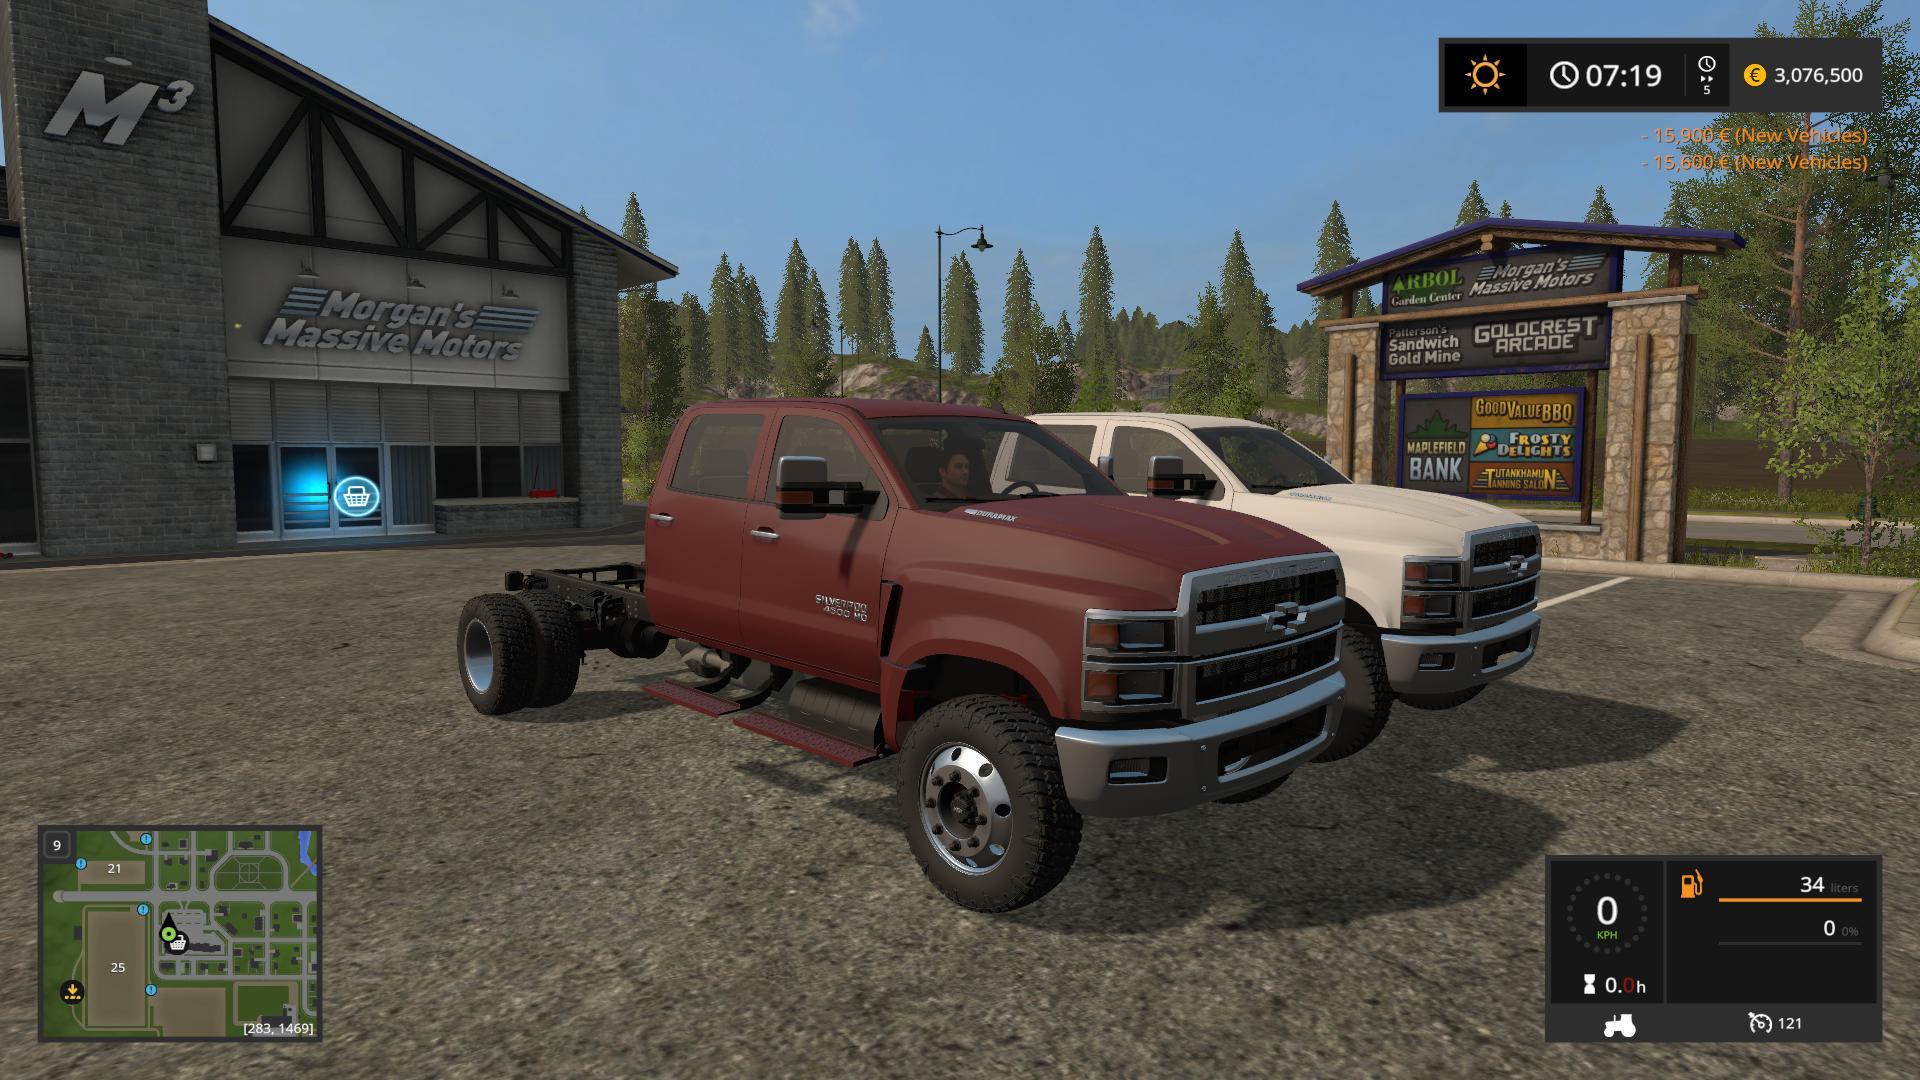 Chevy 2019 4500 v1.0 Mod - Farming Simulator 2015 / 15 mod